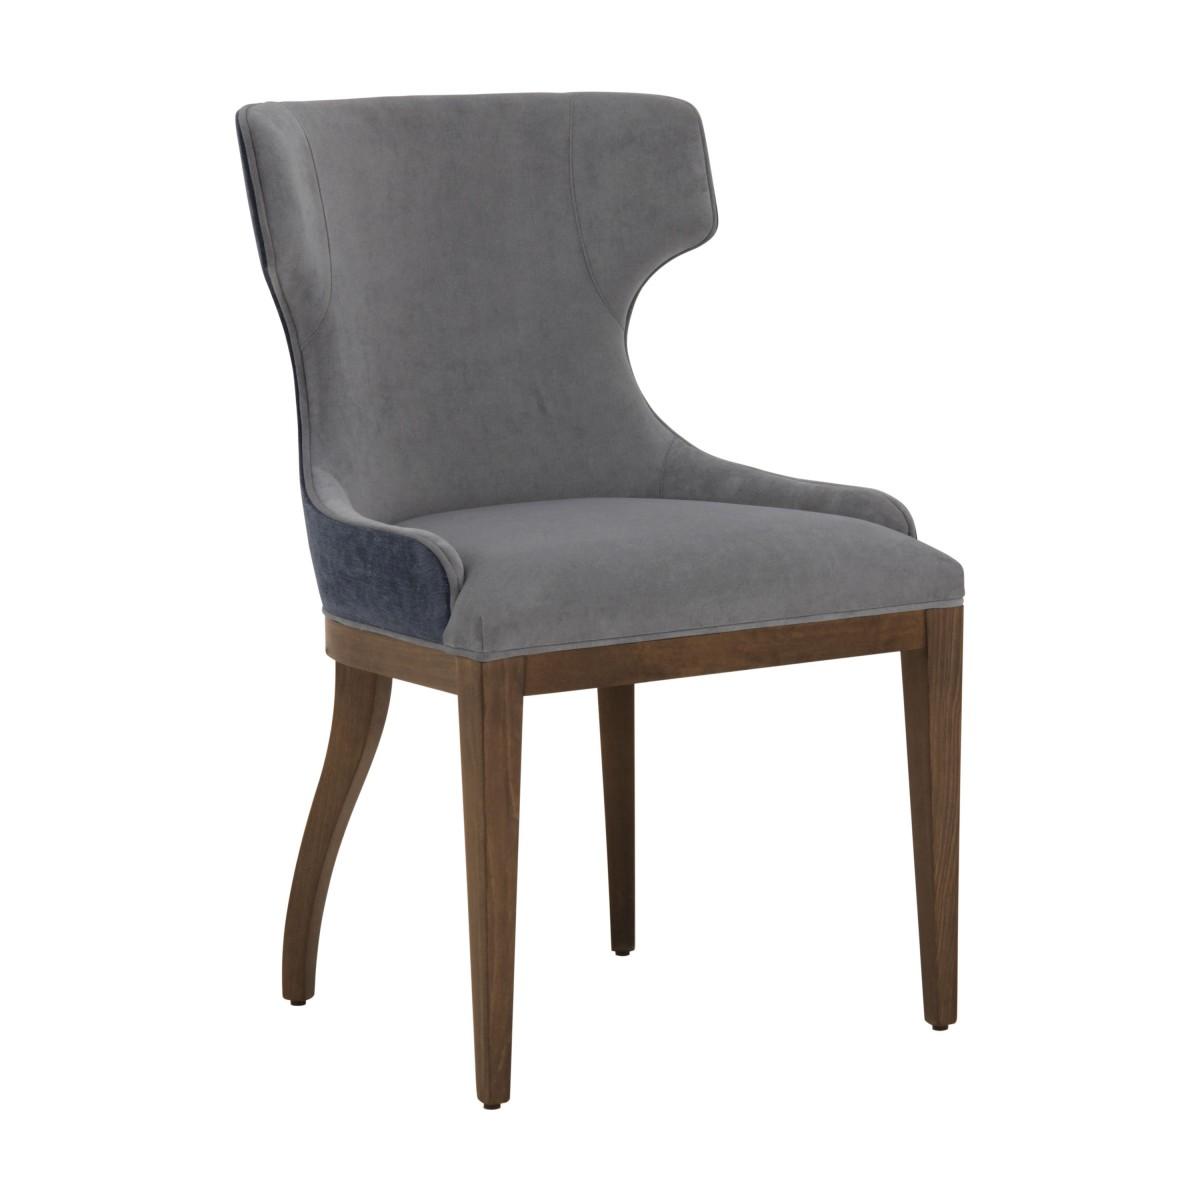 italian contemporary chair rachele 1 4711